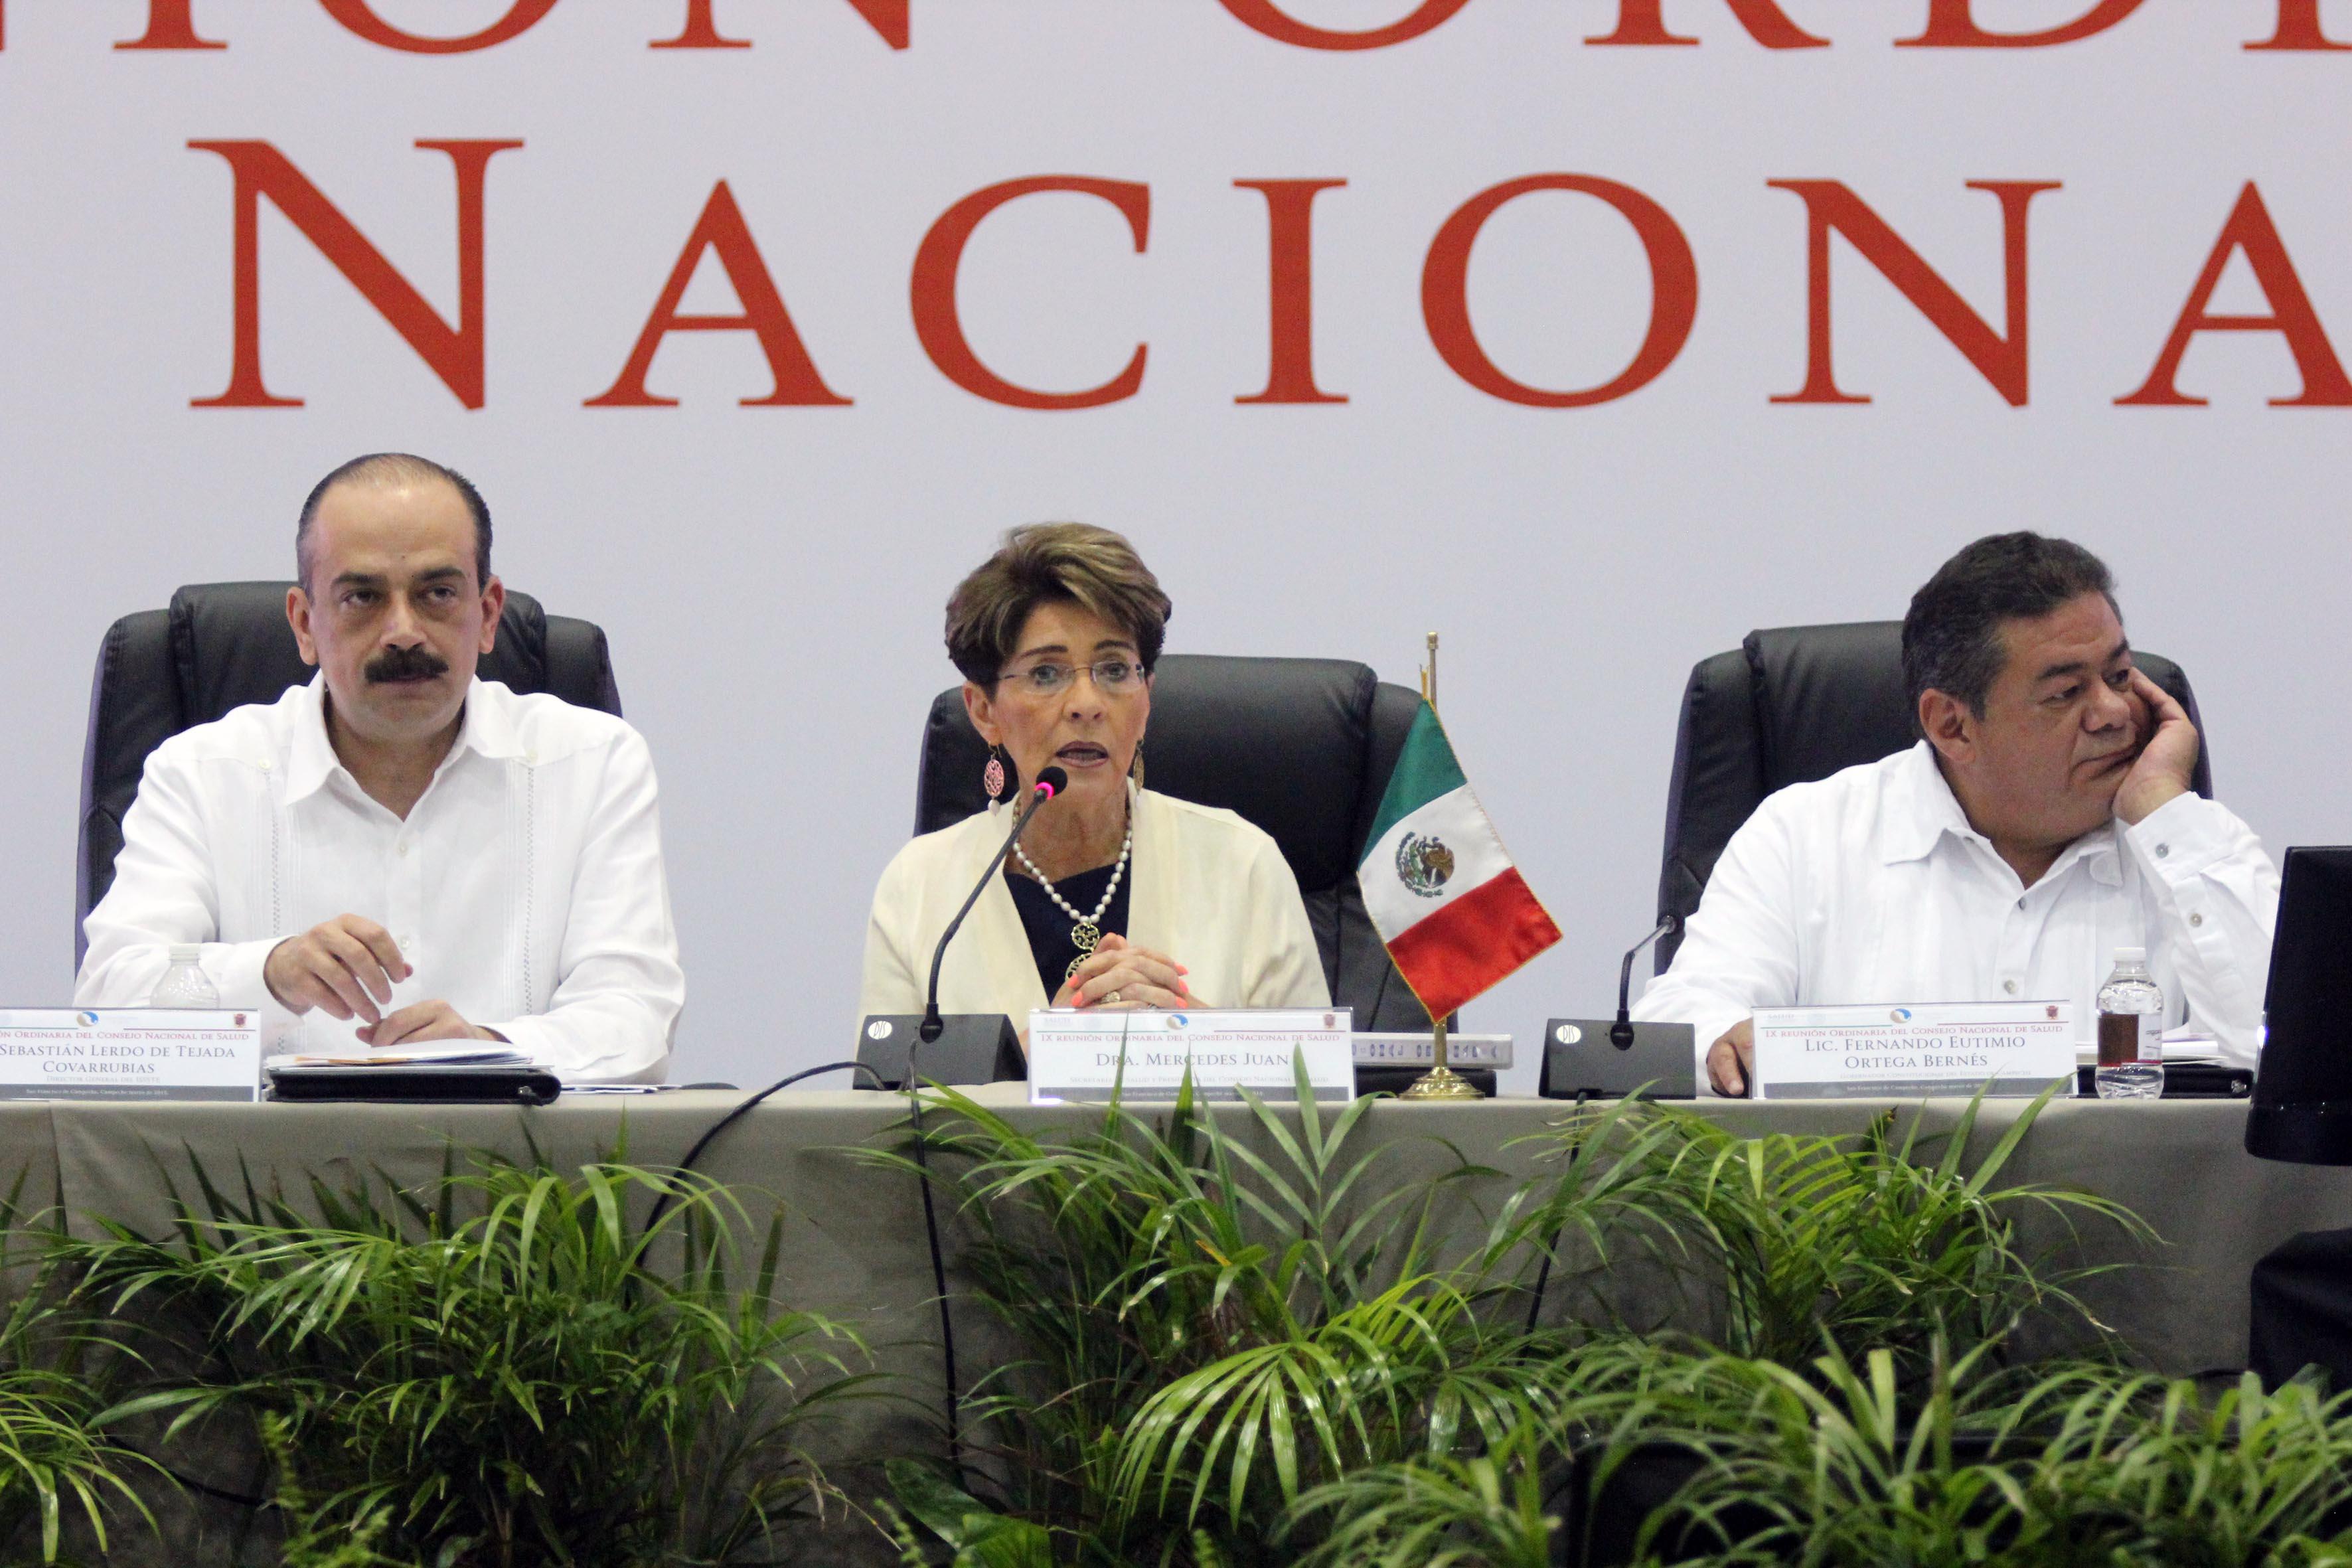 Inauguración del IX Reunión del Consejo Nacional de Salud